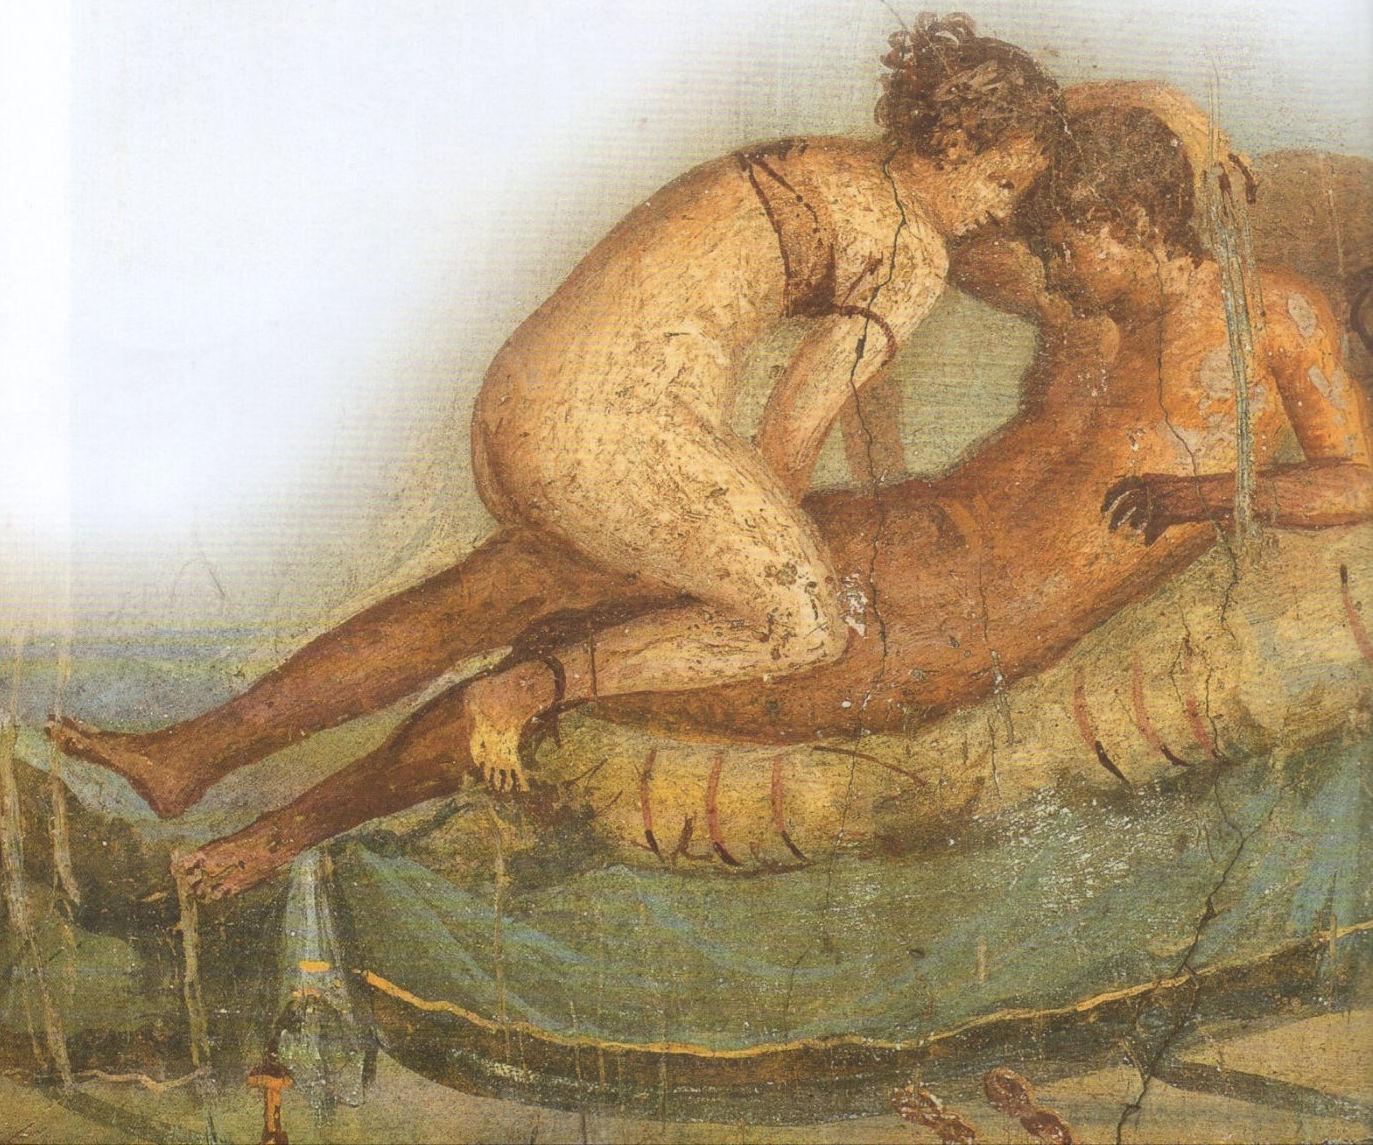 prostitutas online prostitutas antigua grecia